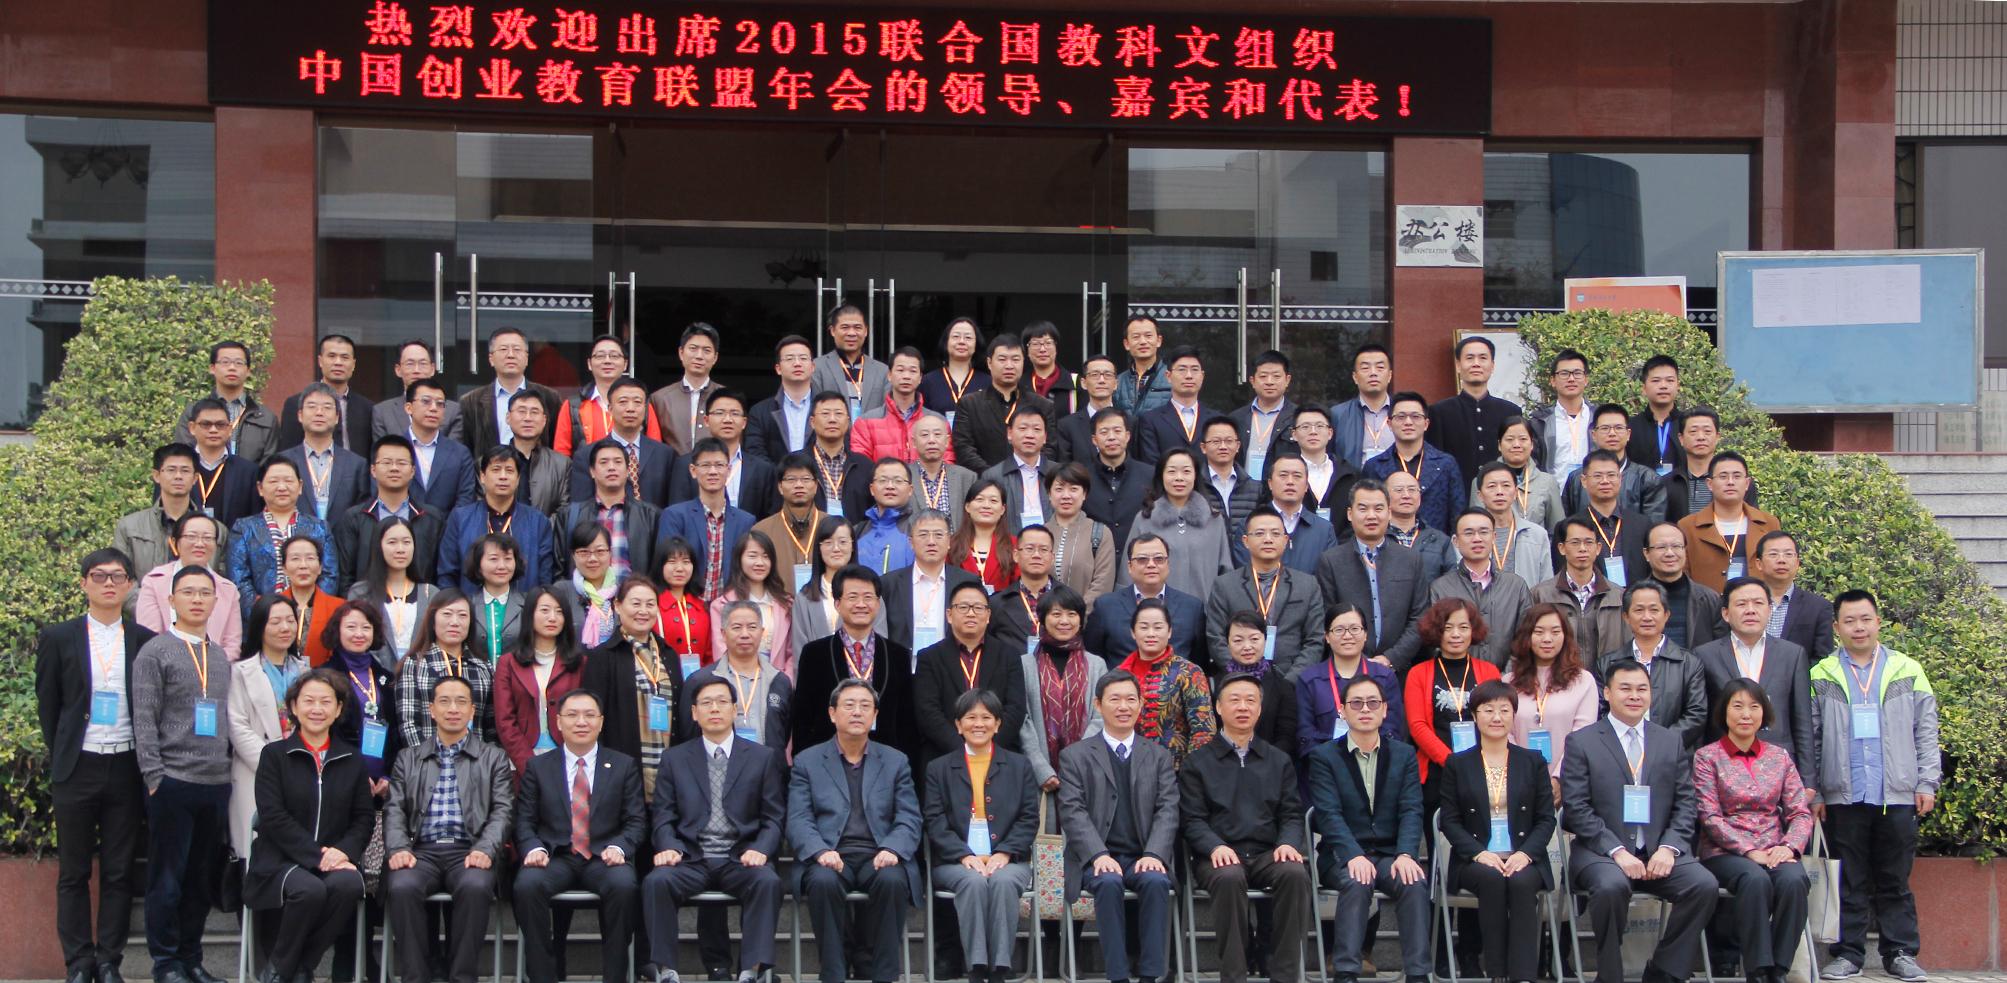 图8:我校举办2015年联合国教科文组织中国创业教育联盟年会.jpg